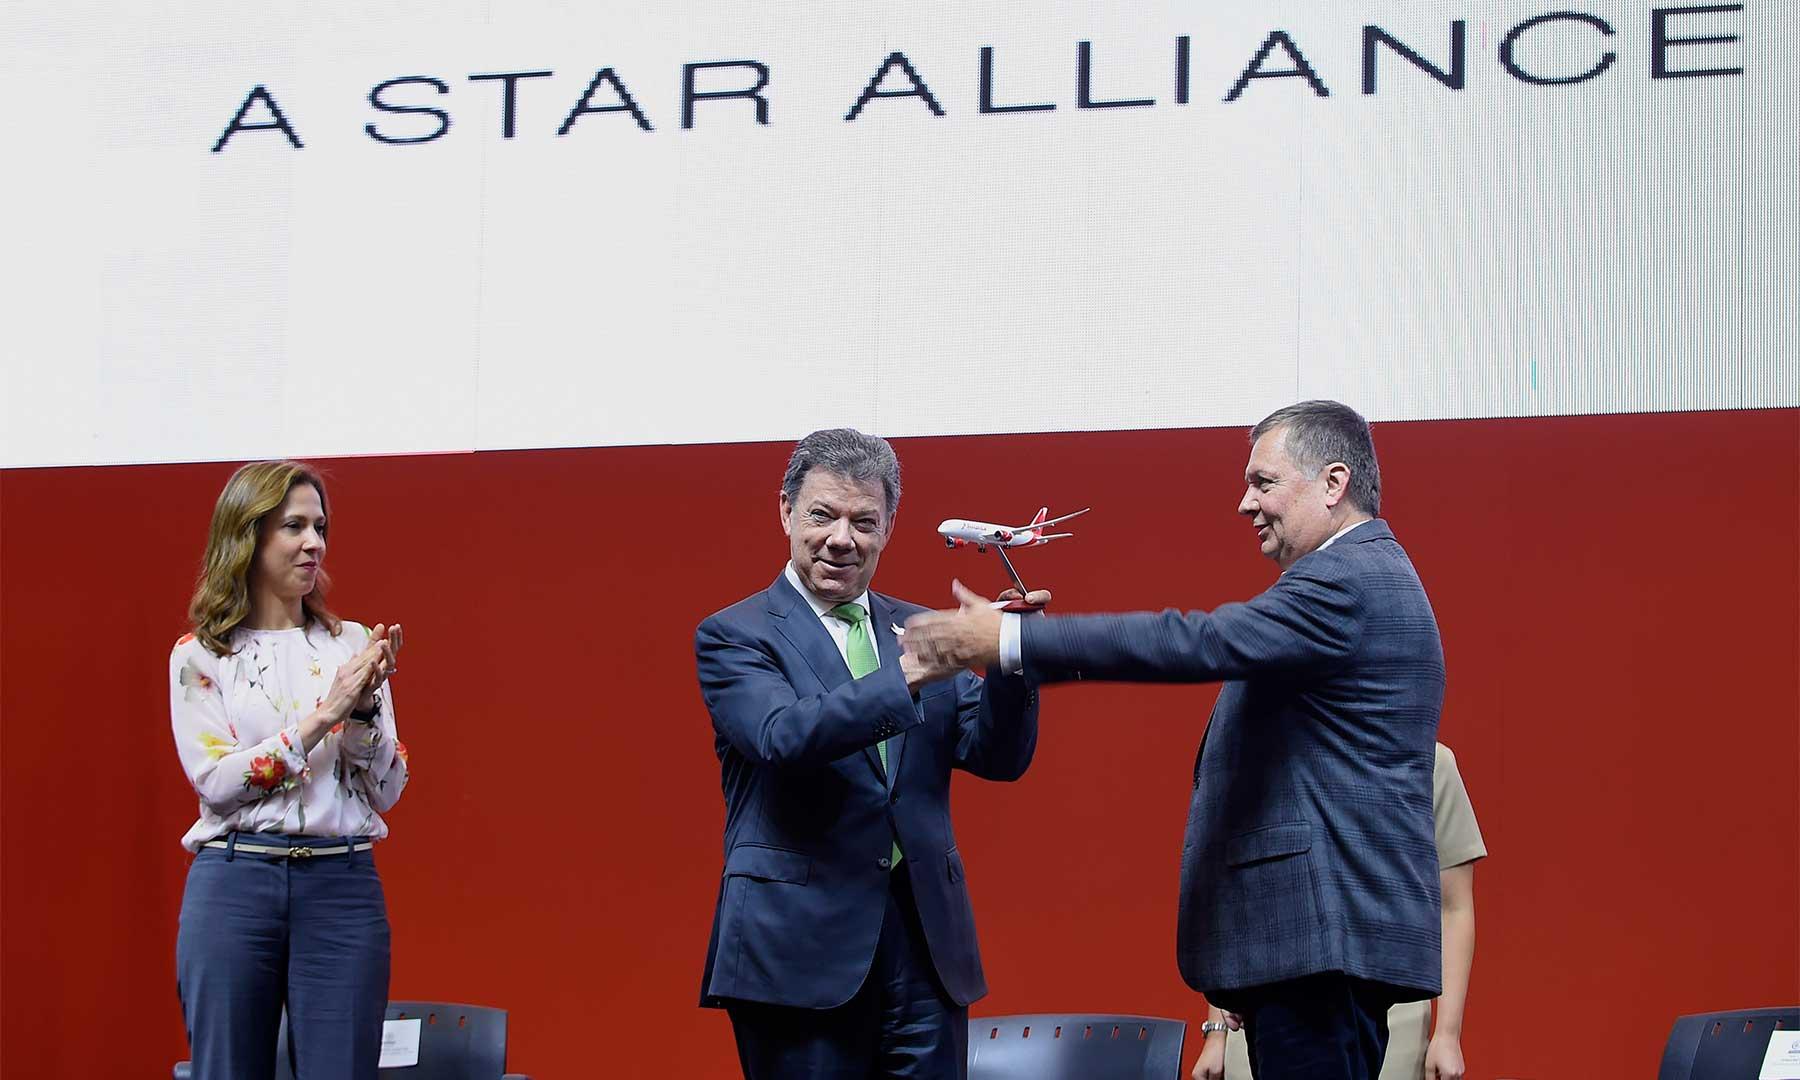 Del presidente de la aerolínea Avianca, Hernán Rincón, el Presidente Santos recibe un modelo a escala de una aeronave Boeing 787, una de las más modernas de la flota de la compañía.